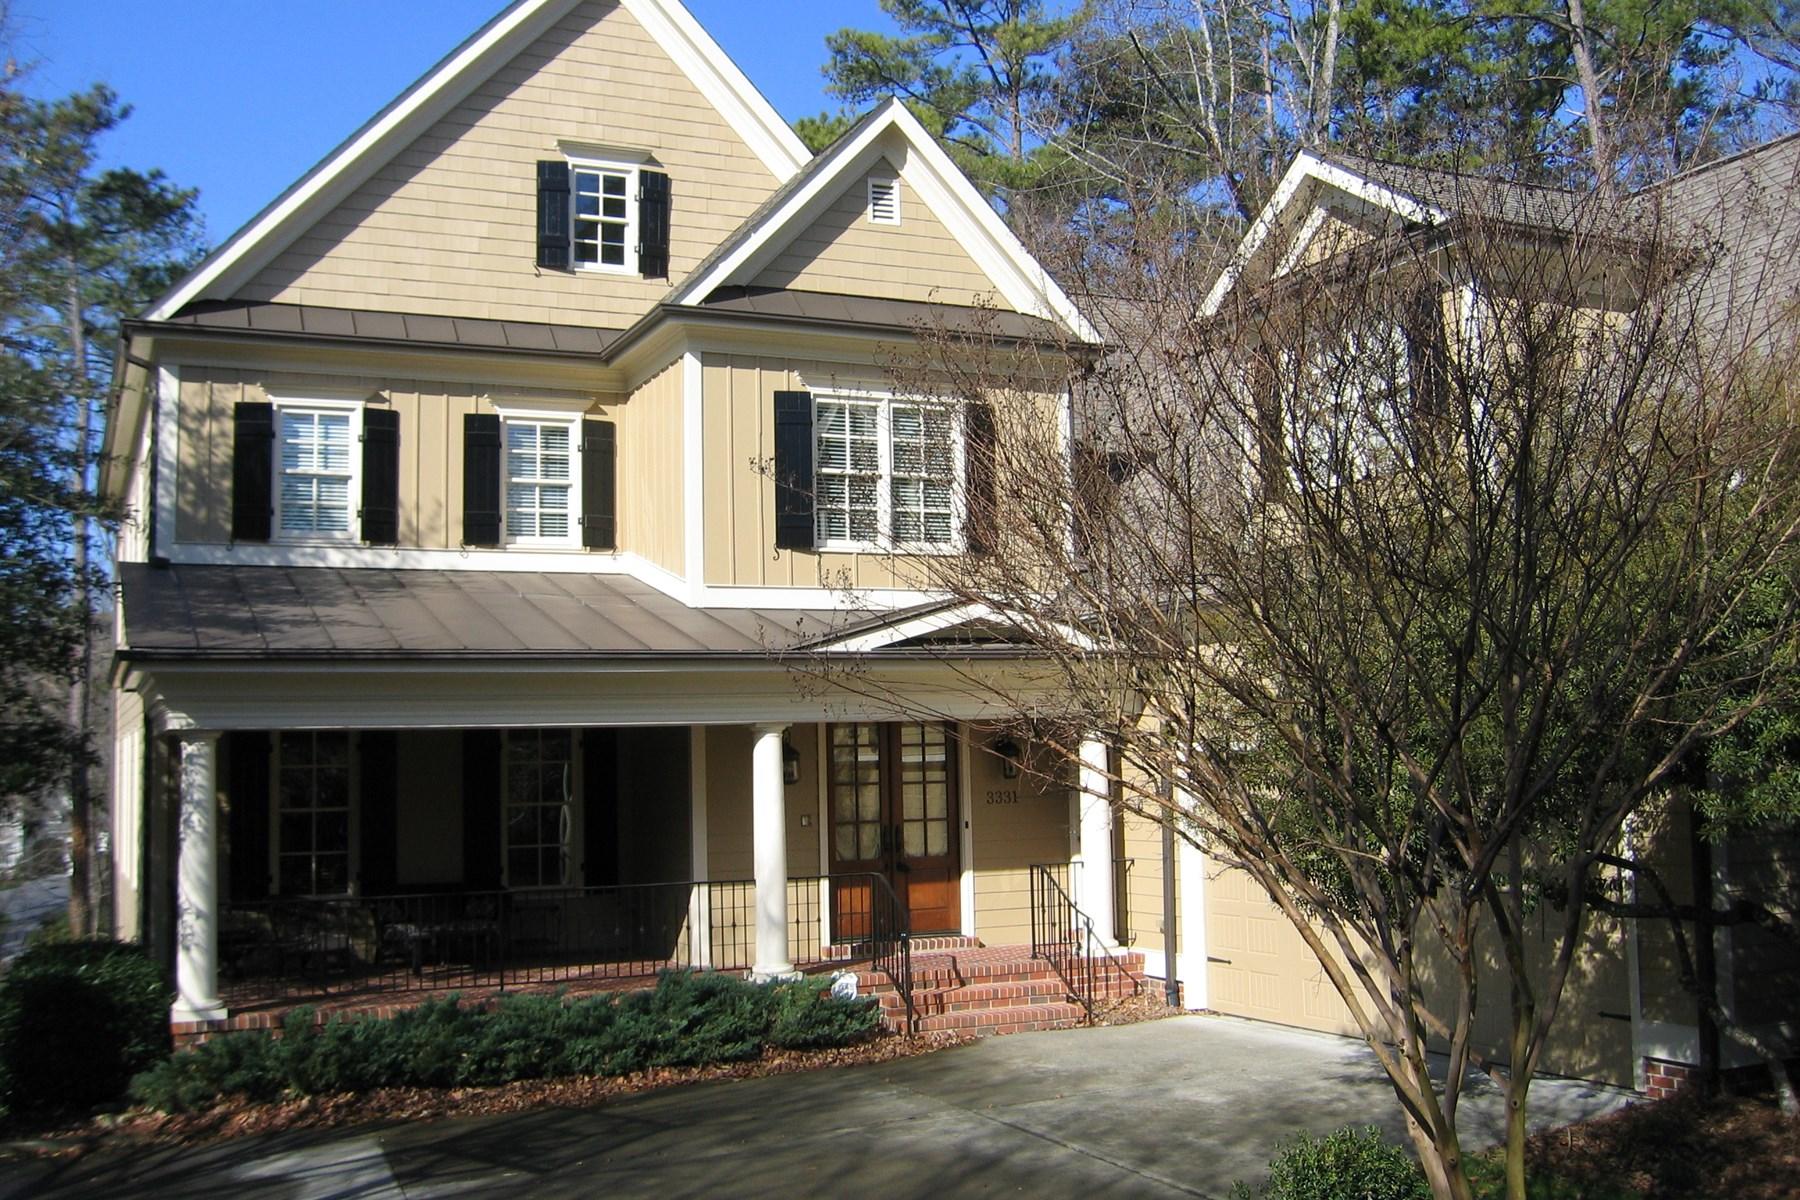 단독 가정 주택 용 매매 에 Bellevue Terrace Two Story 3331 Turnbridge Drive Raleigh, 노스캐놀라이나, 27609 미국에서/약: Durham, Chapel Hill, Cary